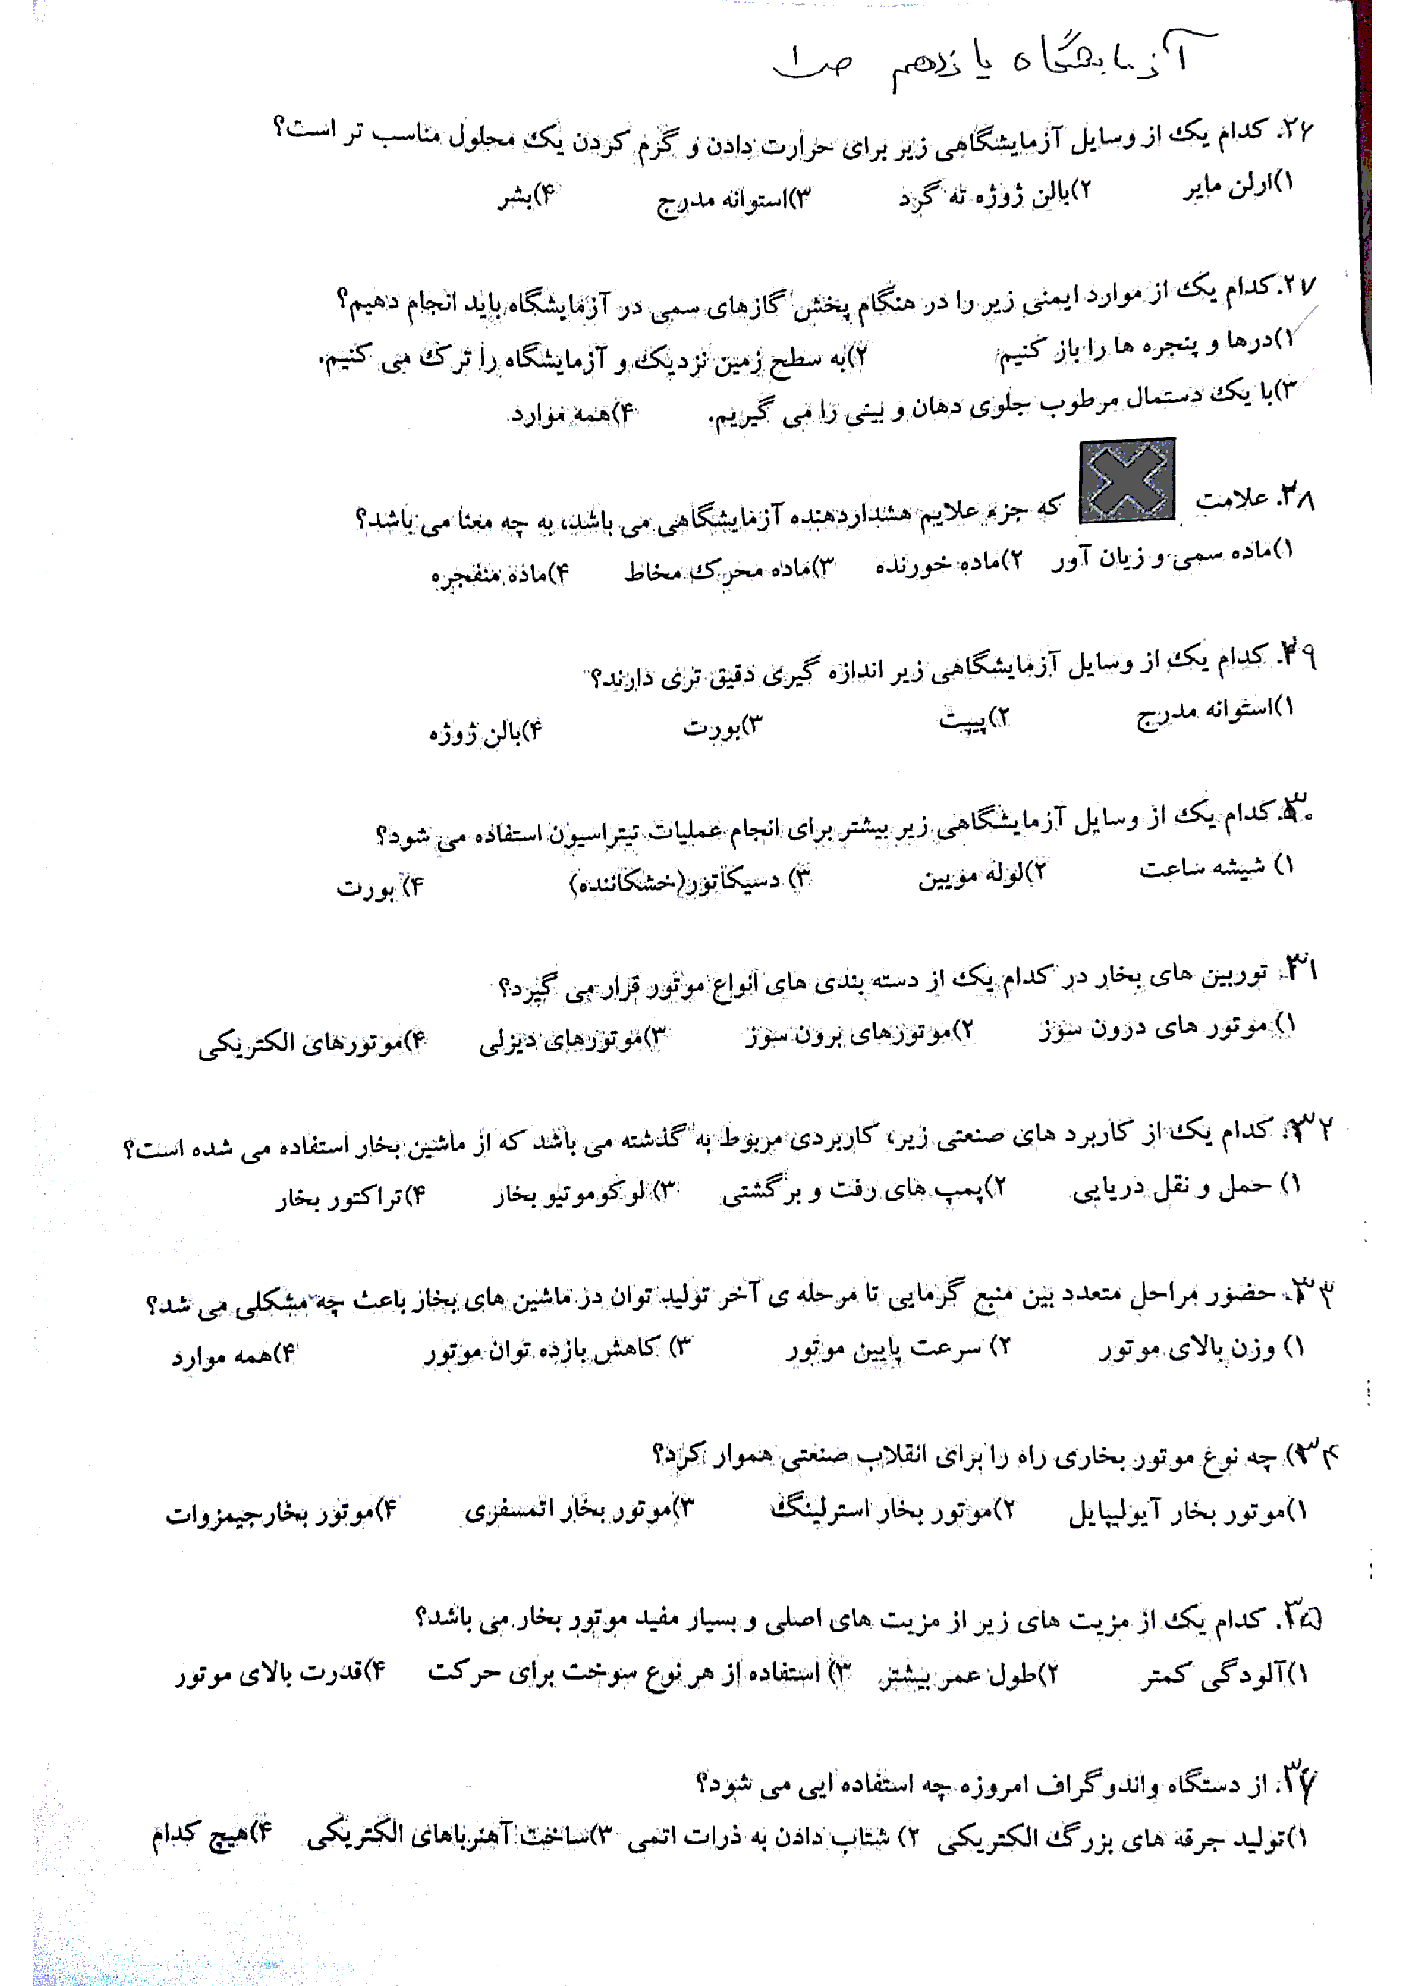 سوالات تستی آزمایشگاه علوم تجربی (2) یازدهم دبیرستان نمونه دولتی جاویدان